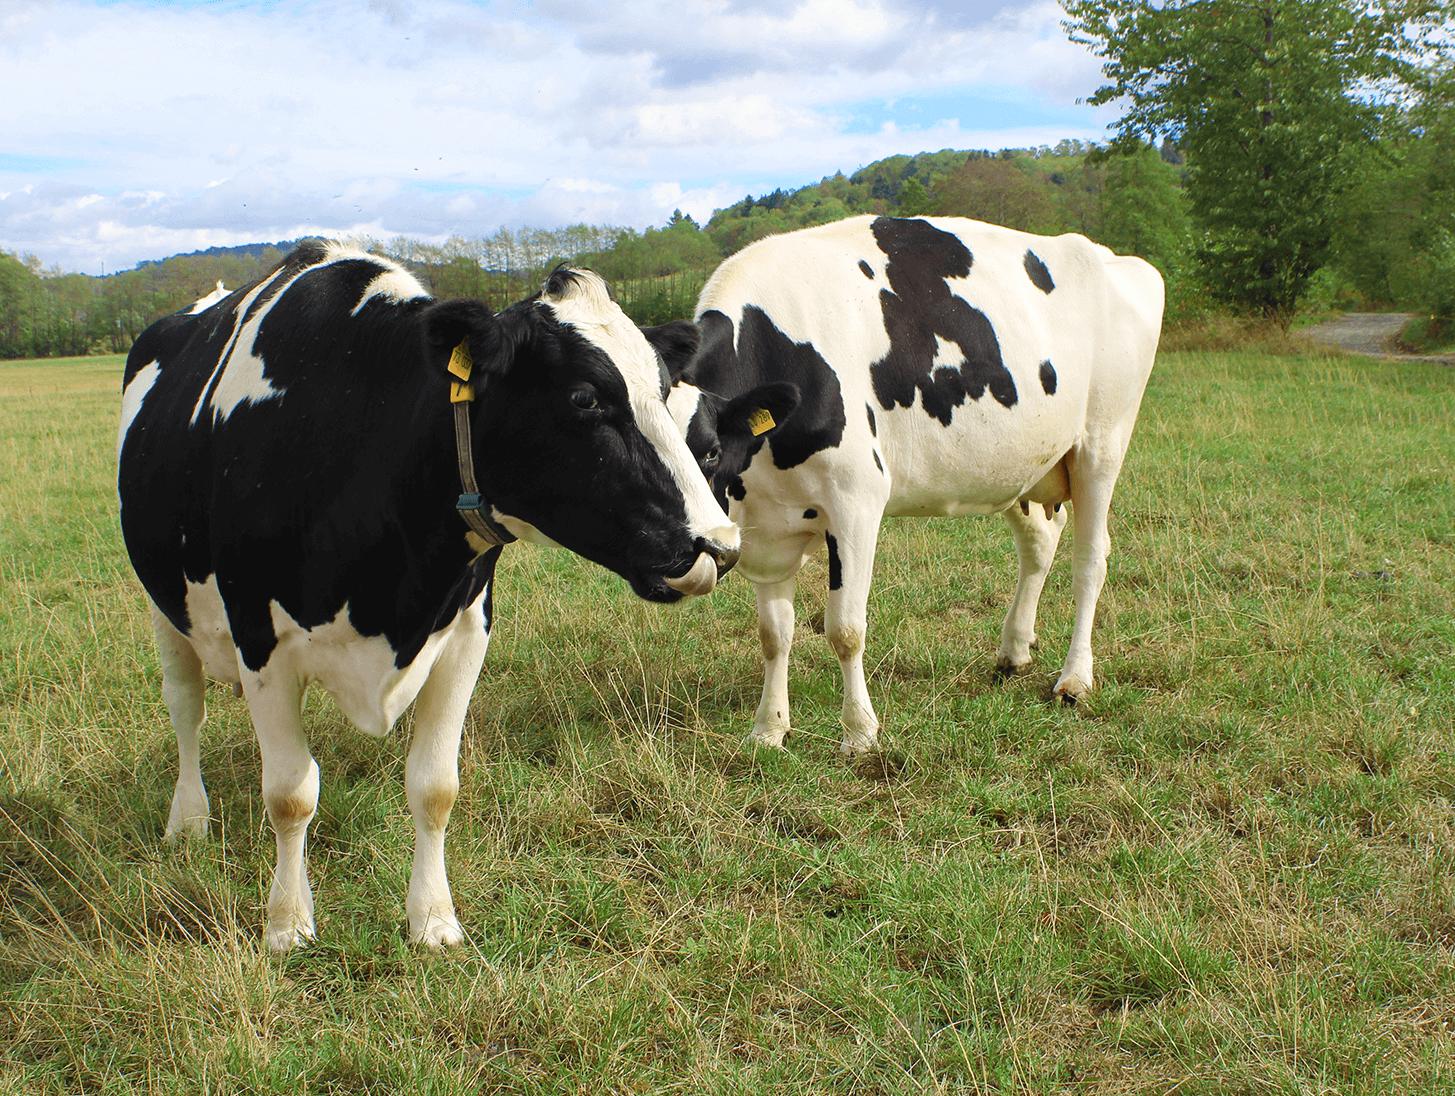 Milchkühe auf der grünen Weide